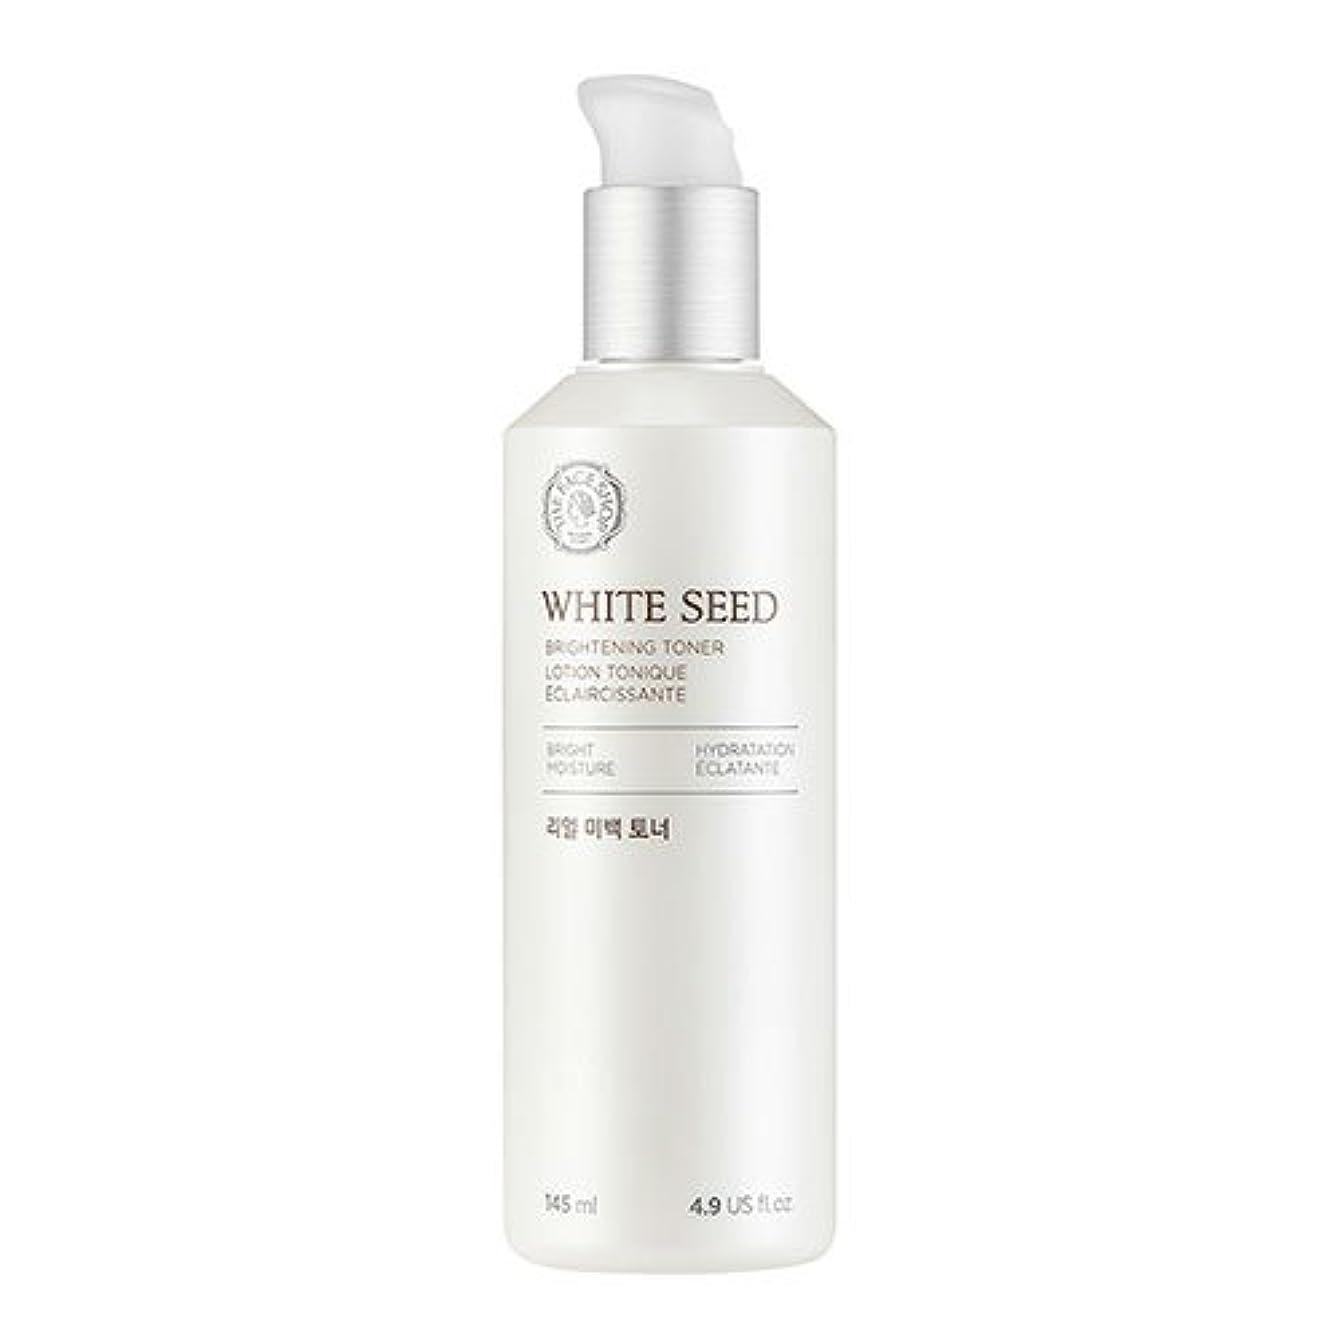 さらに散逸アコードザフェイスショップ(THEFACESHOP) ホワイトシードビライトニングトナー 化粧水 WHITE SEED BRIGHTNING TONER 145ml